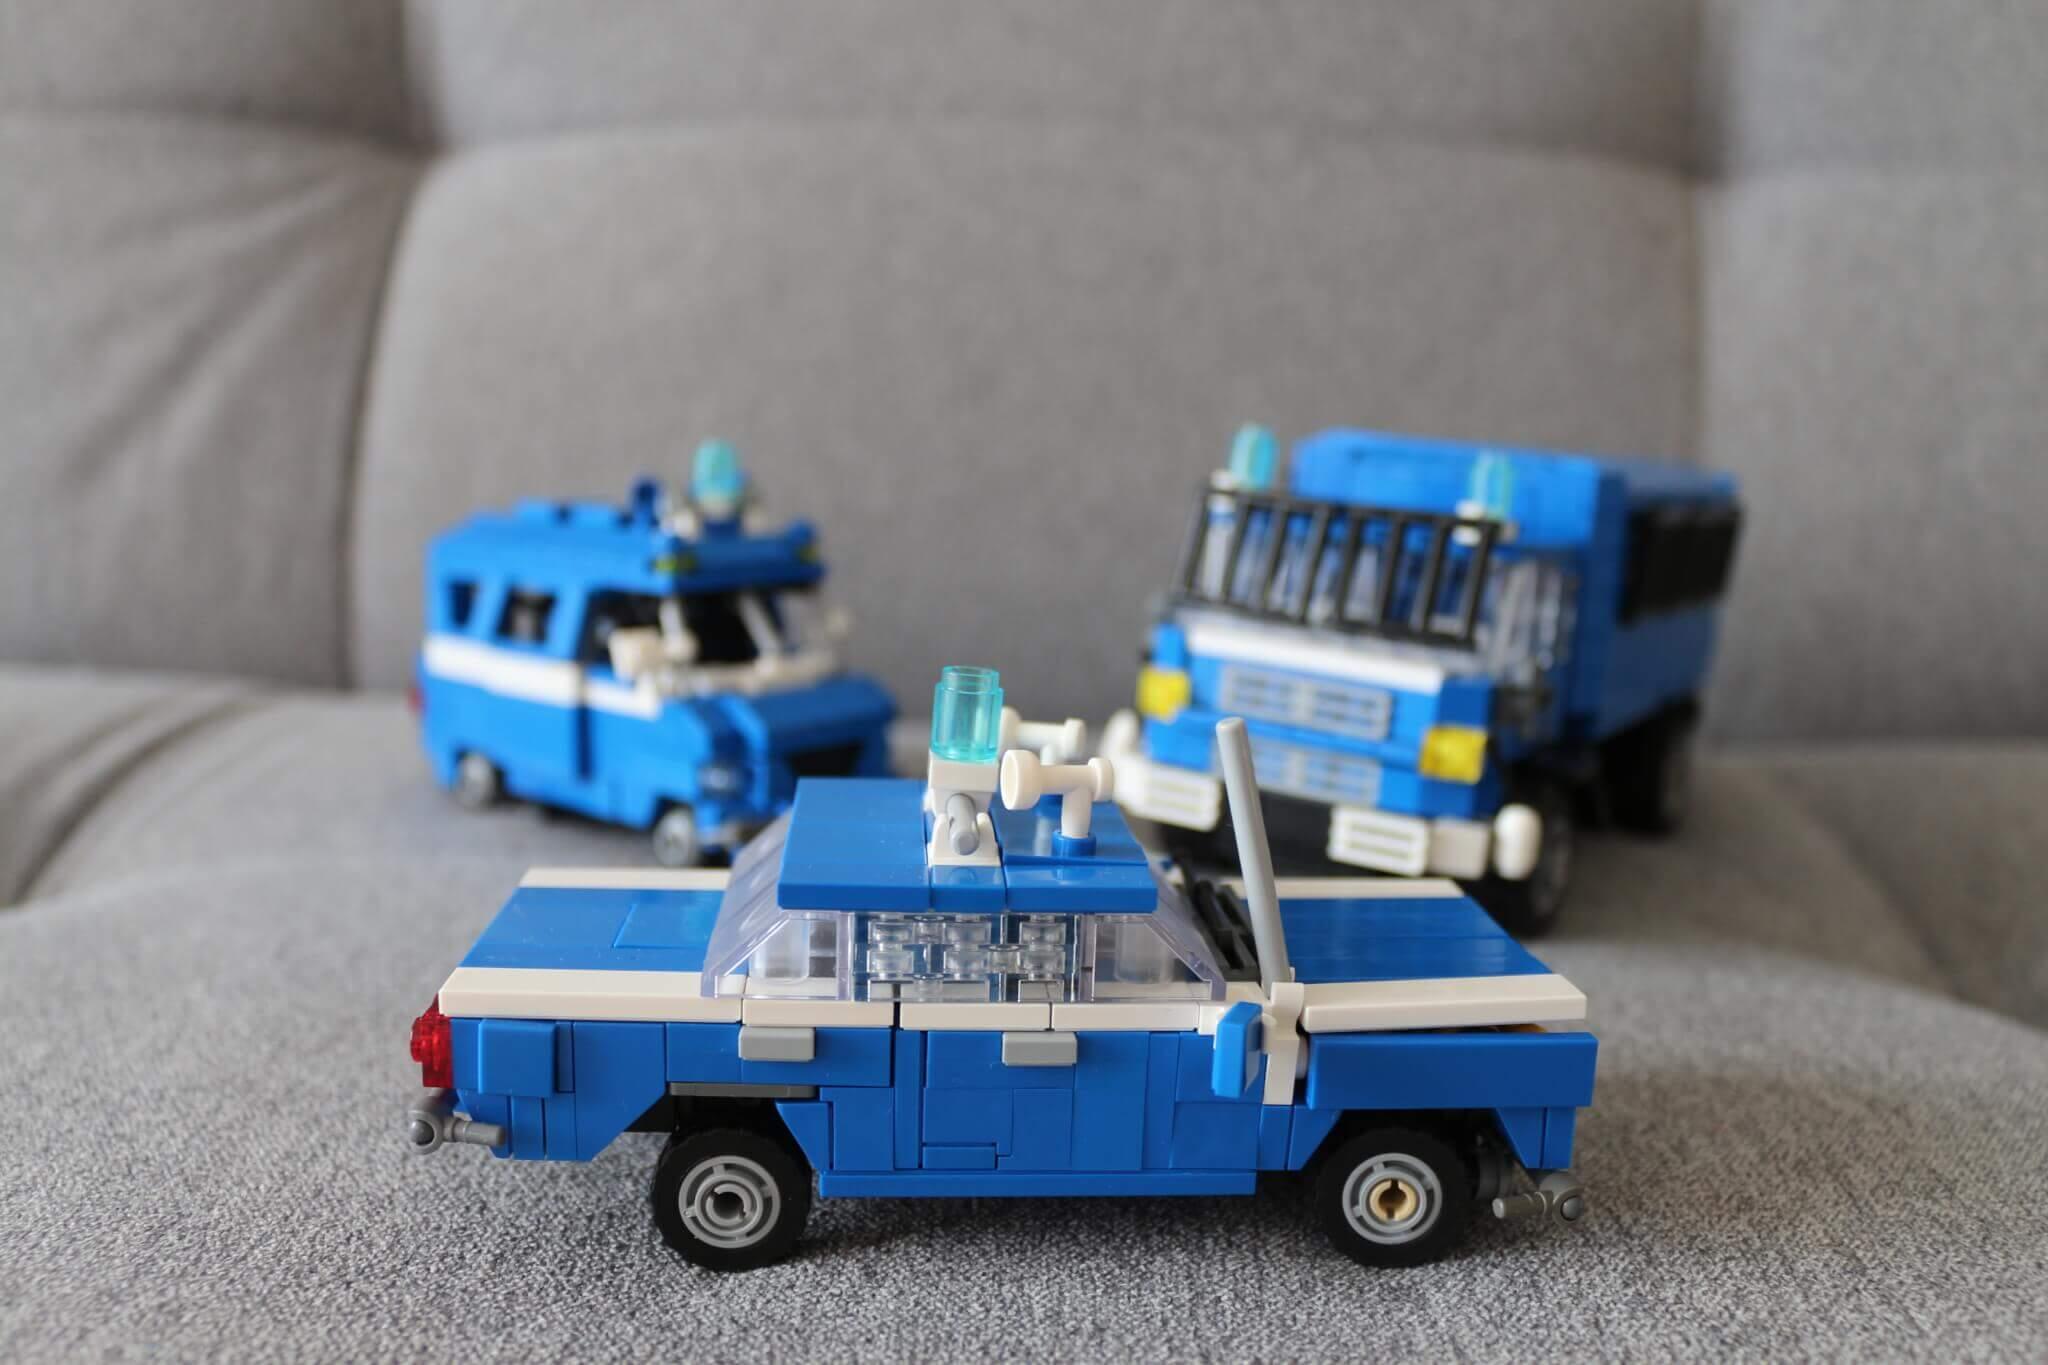 auta-milicyjne-Lego-Warszawa-samochody-z-klocków-lego.jpg